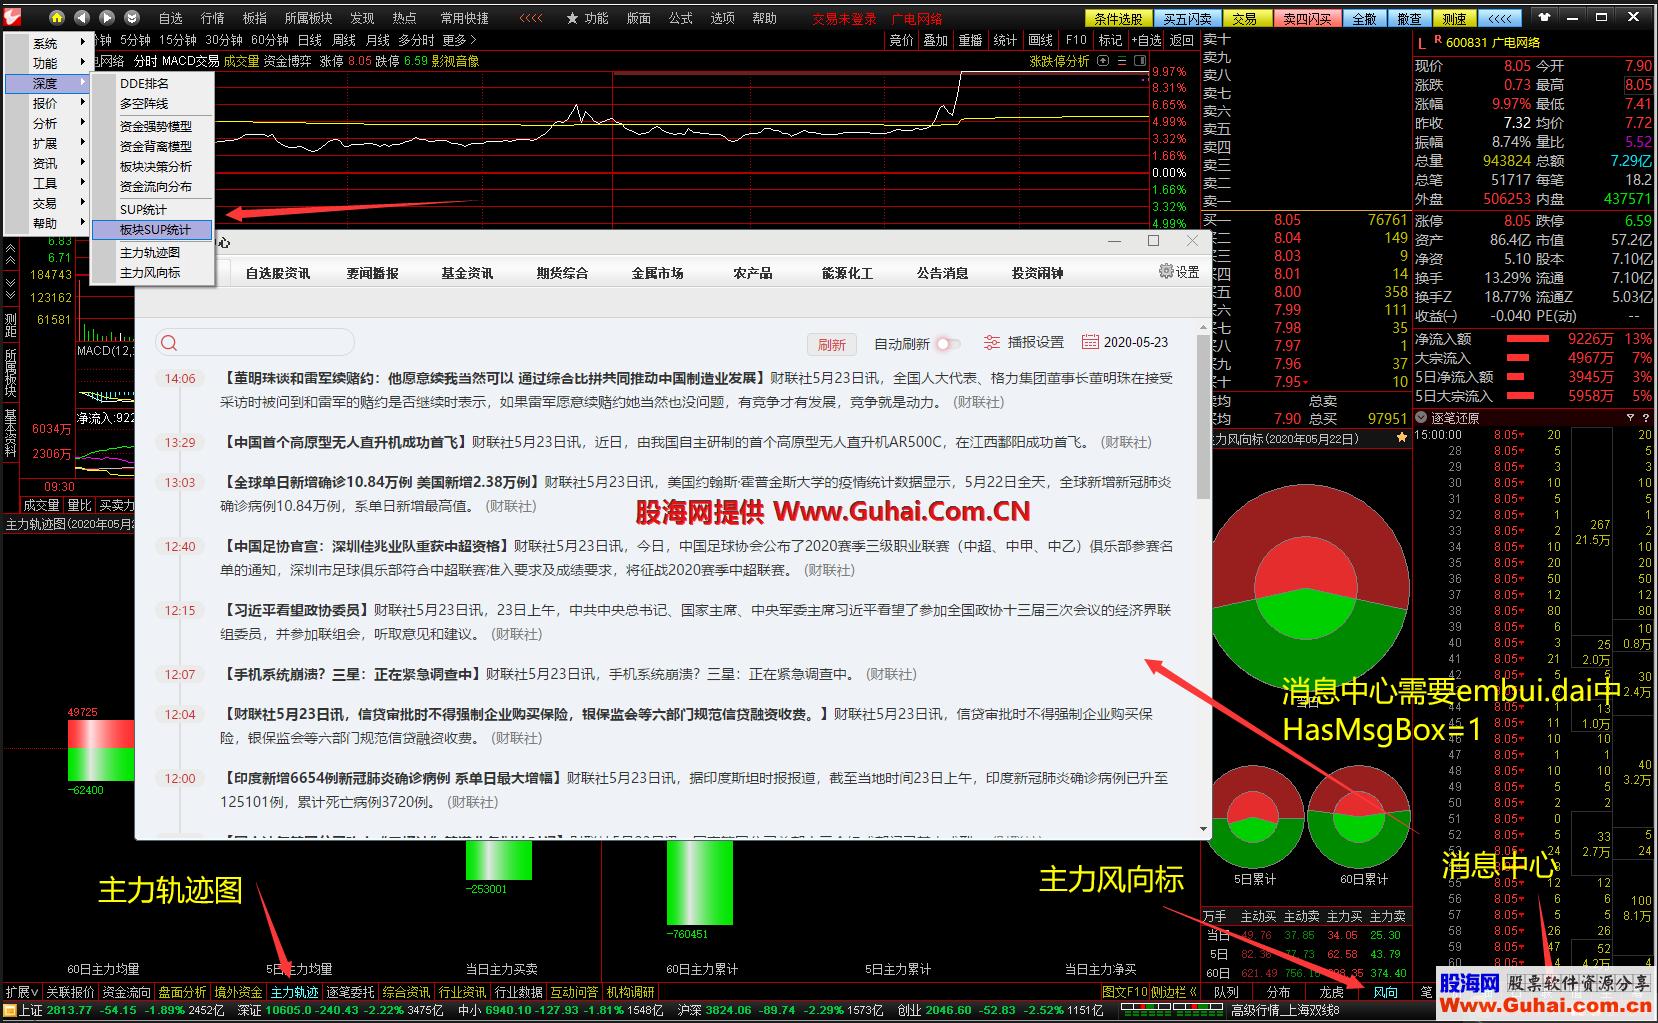 股海网整合版V2020.05标签合并、开消息中心、风向、主力轨迹、SUP统计、DDE数据选股